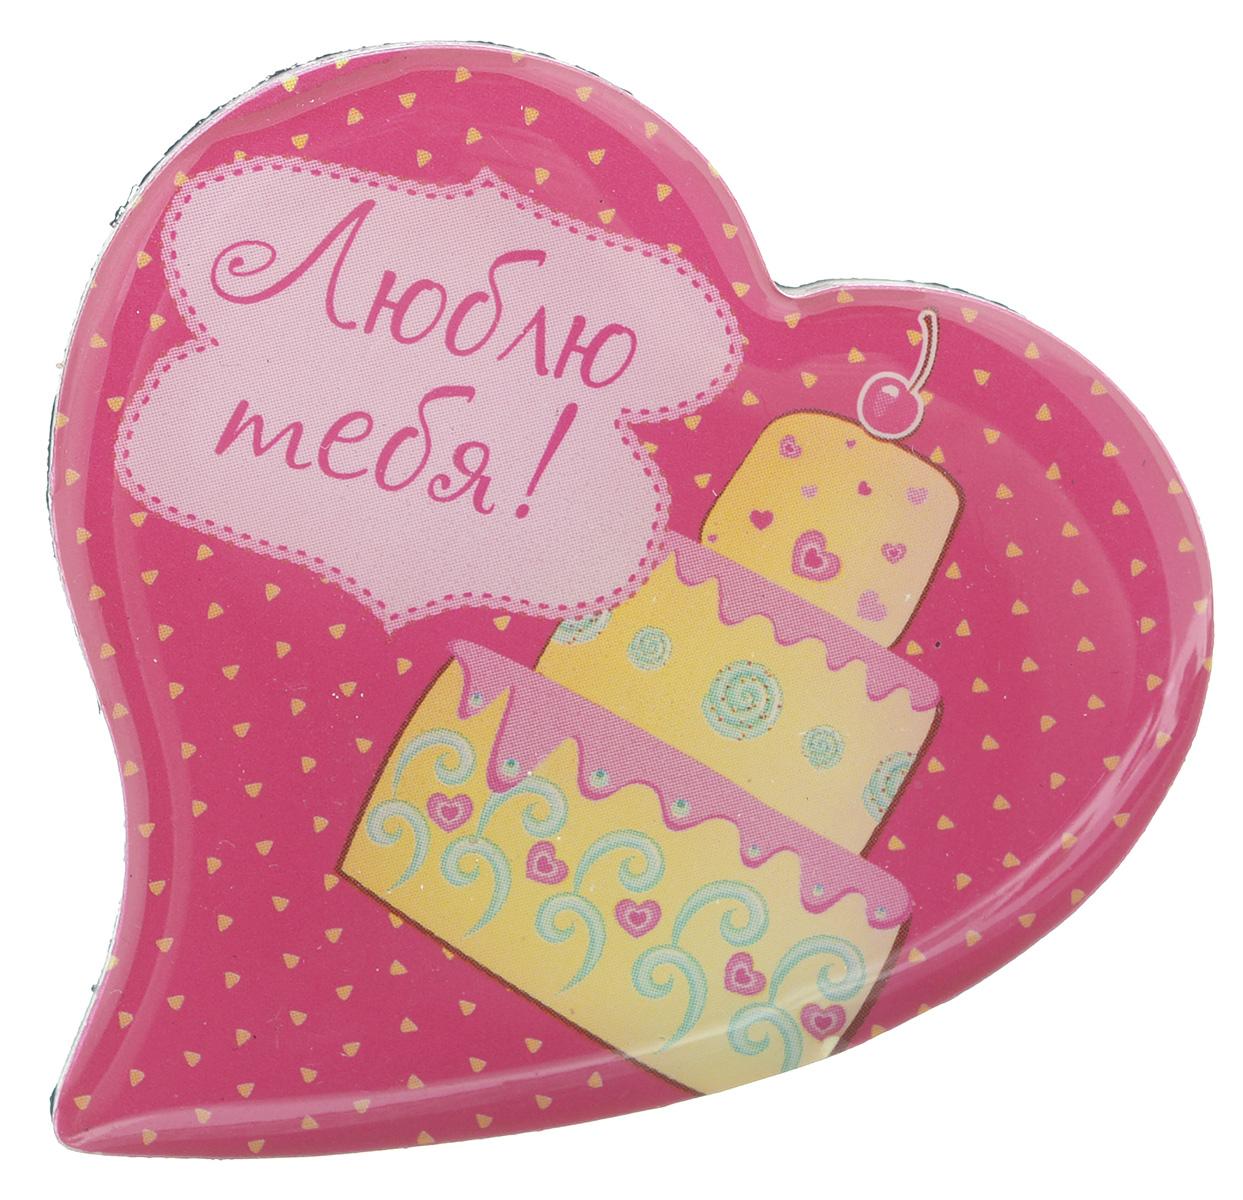 Магнит Феникс-презент Люблю тебя!, 5 x 5 см 2718127181Магнит в форме сердца Феникс-презент Люблю тебя!, выполненный из агломерированного феррита, станет приятным штрихом в повседневной жизни. Оригинальный магнит, декорированный изображением торта, поможет вам украсить не только холодильник, но и любую другую магнитную поверхность. Материал: агломерированный феррит.